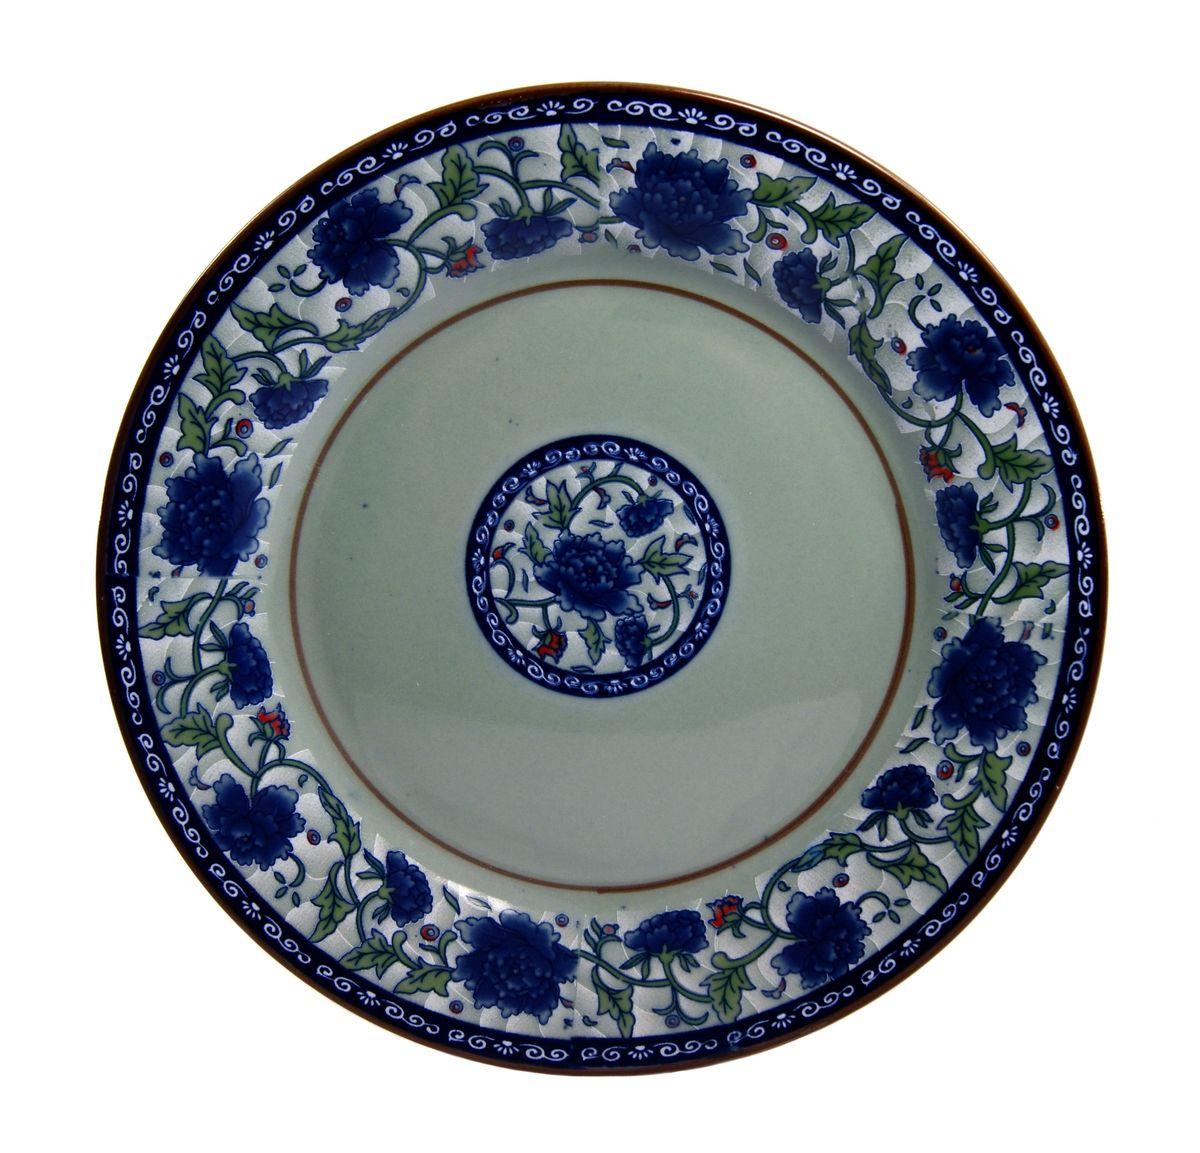 Фото - Тарелка для горячего Nanshan Porcelain Харбин, диаметр 25 см тарелка turon porcelain атлас цвет белый синий золотистый диаметр 22 5 см